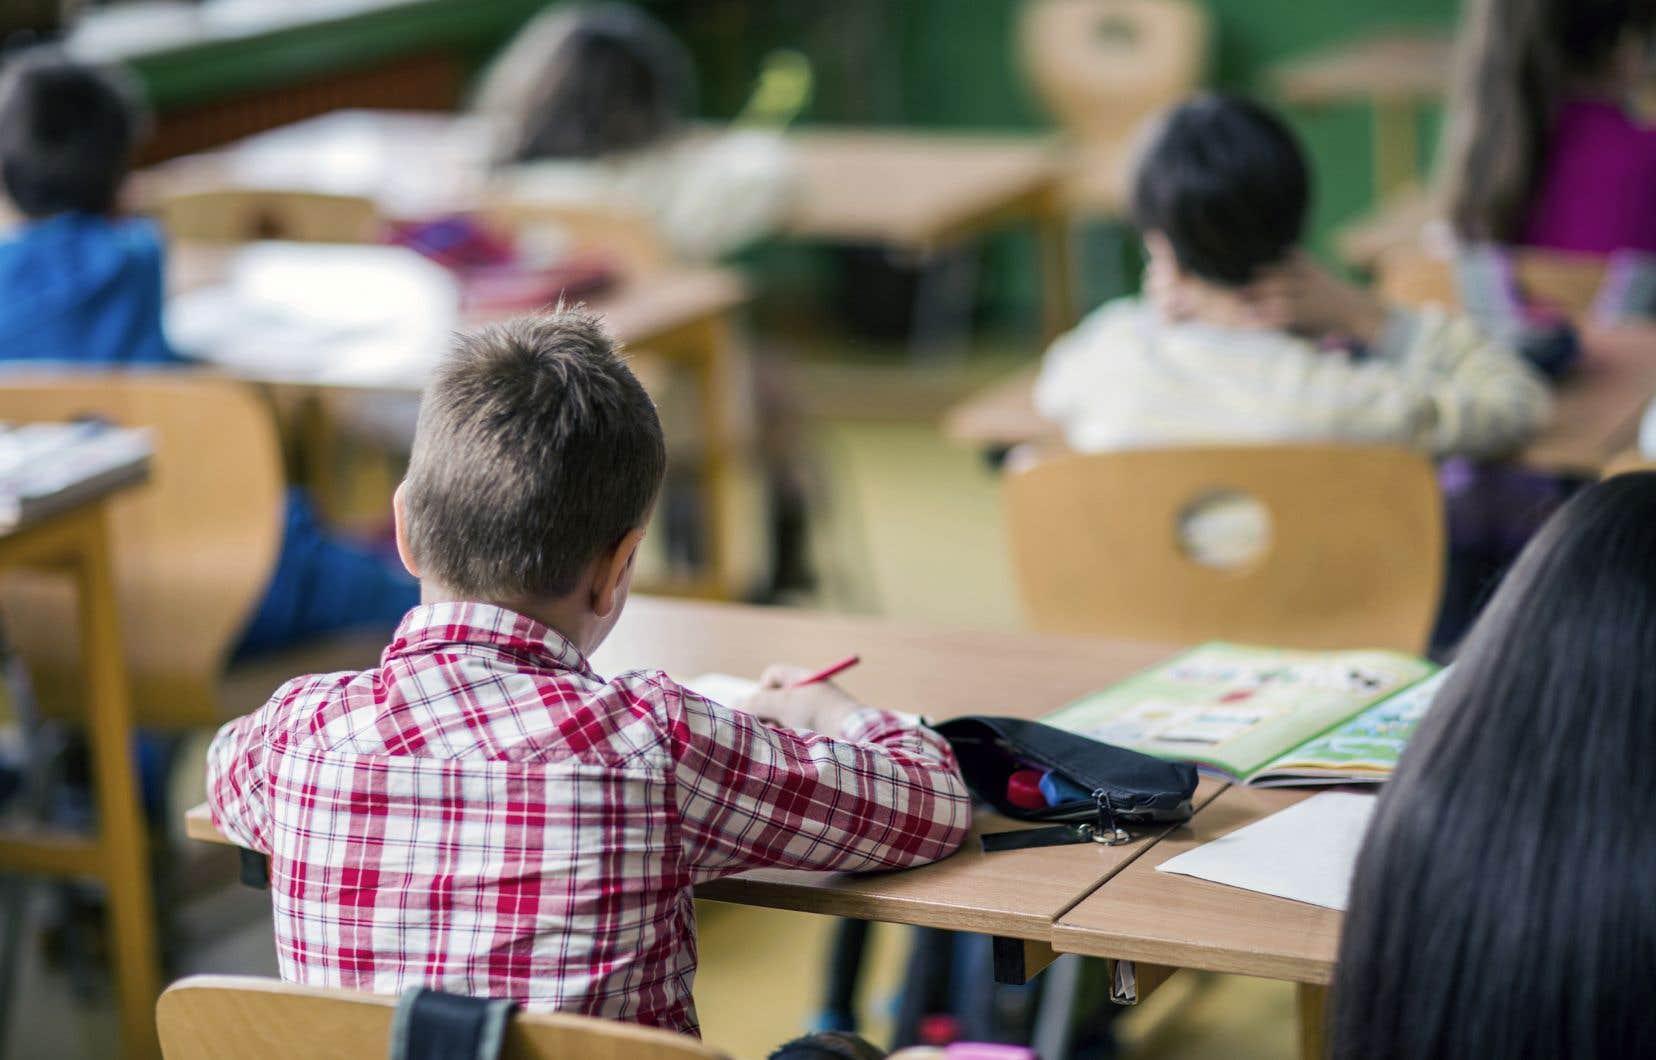 Une réforme de la taxation scolaire doit se faire dans un souci de lutte contre la pauvreté et l'exclusion, affirme notamment le comité de gestion de la taxe scolaire.